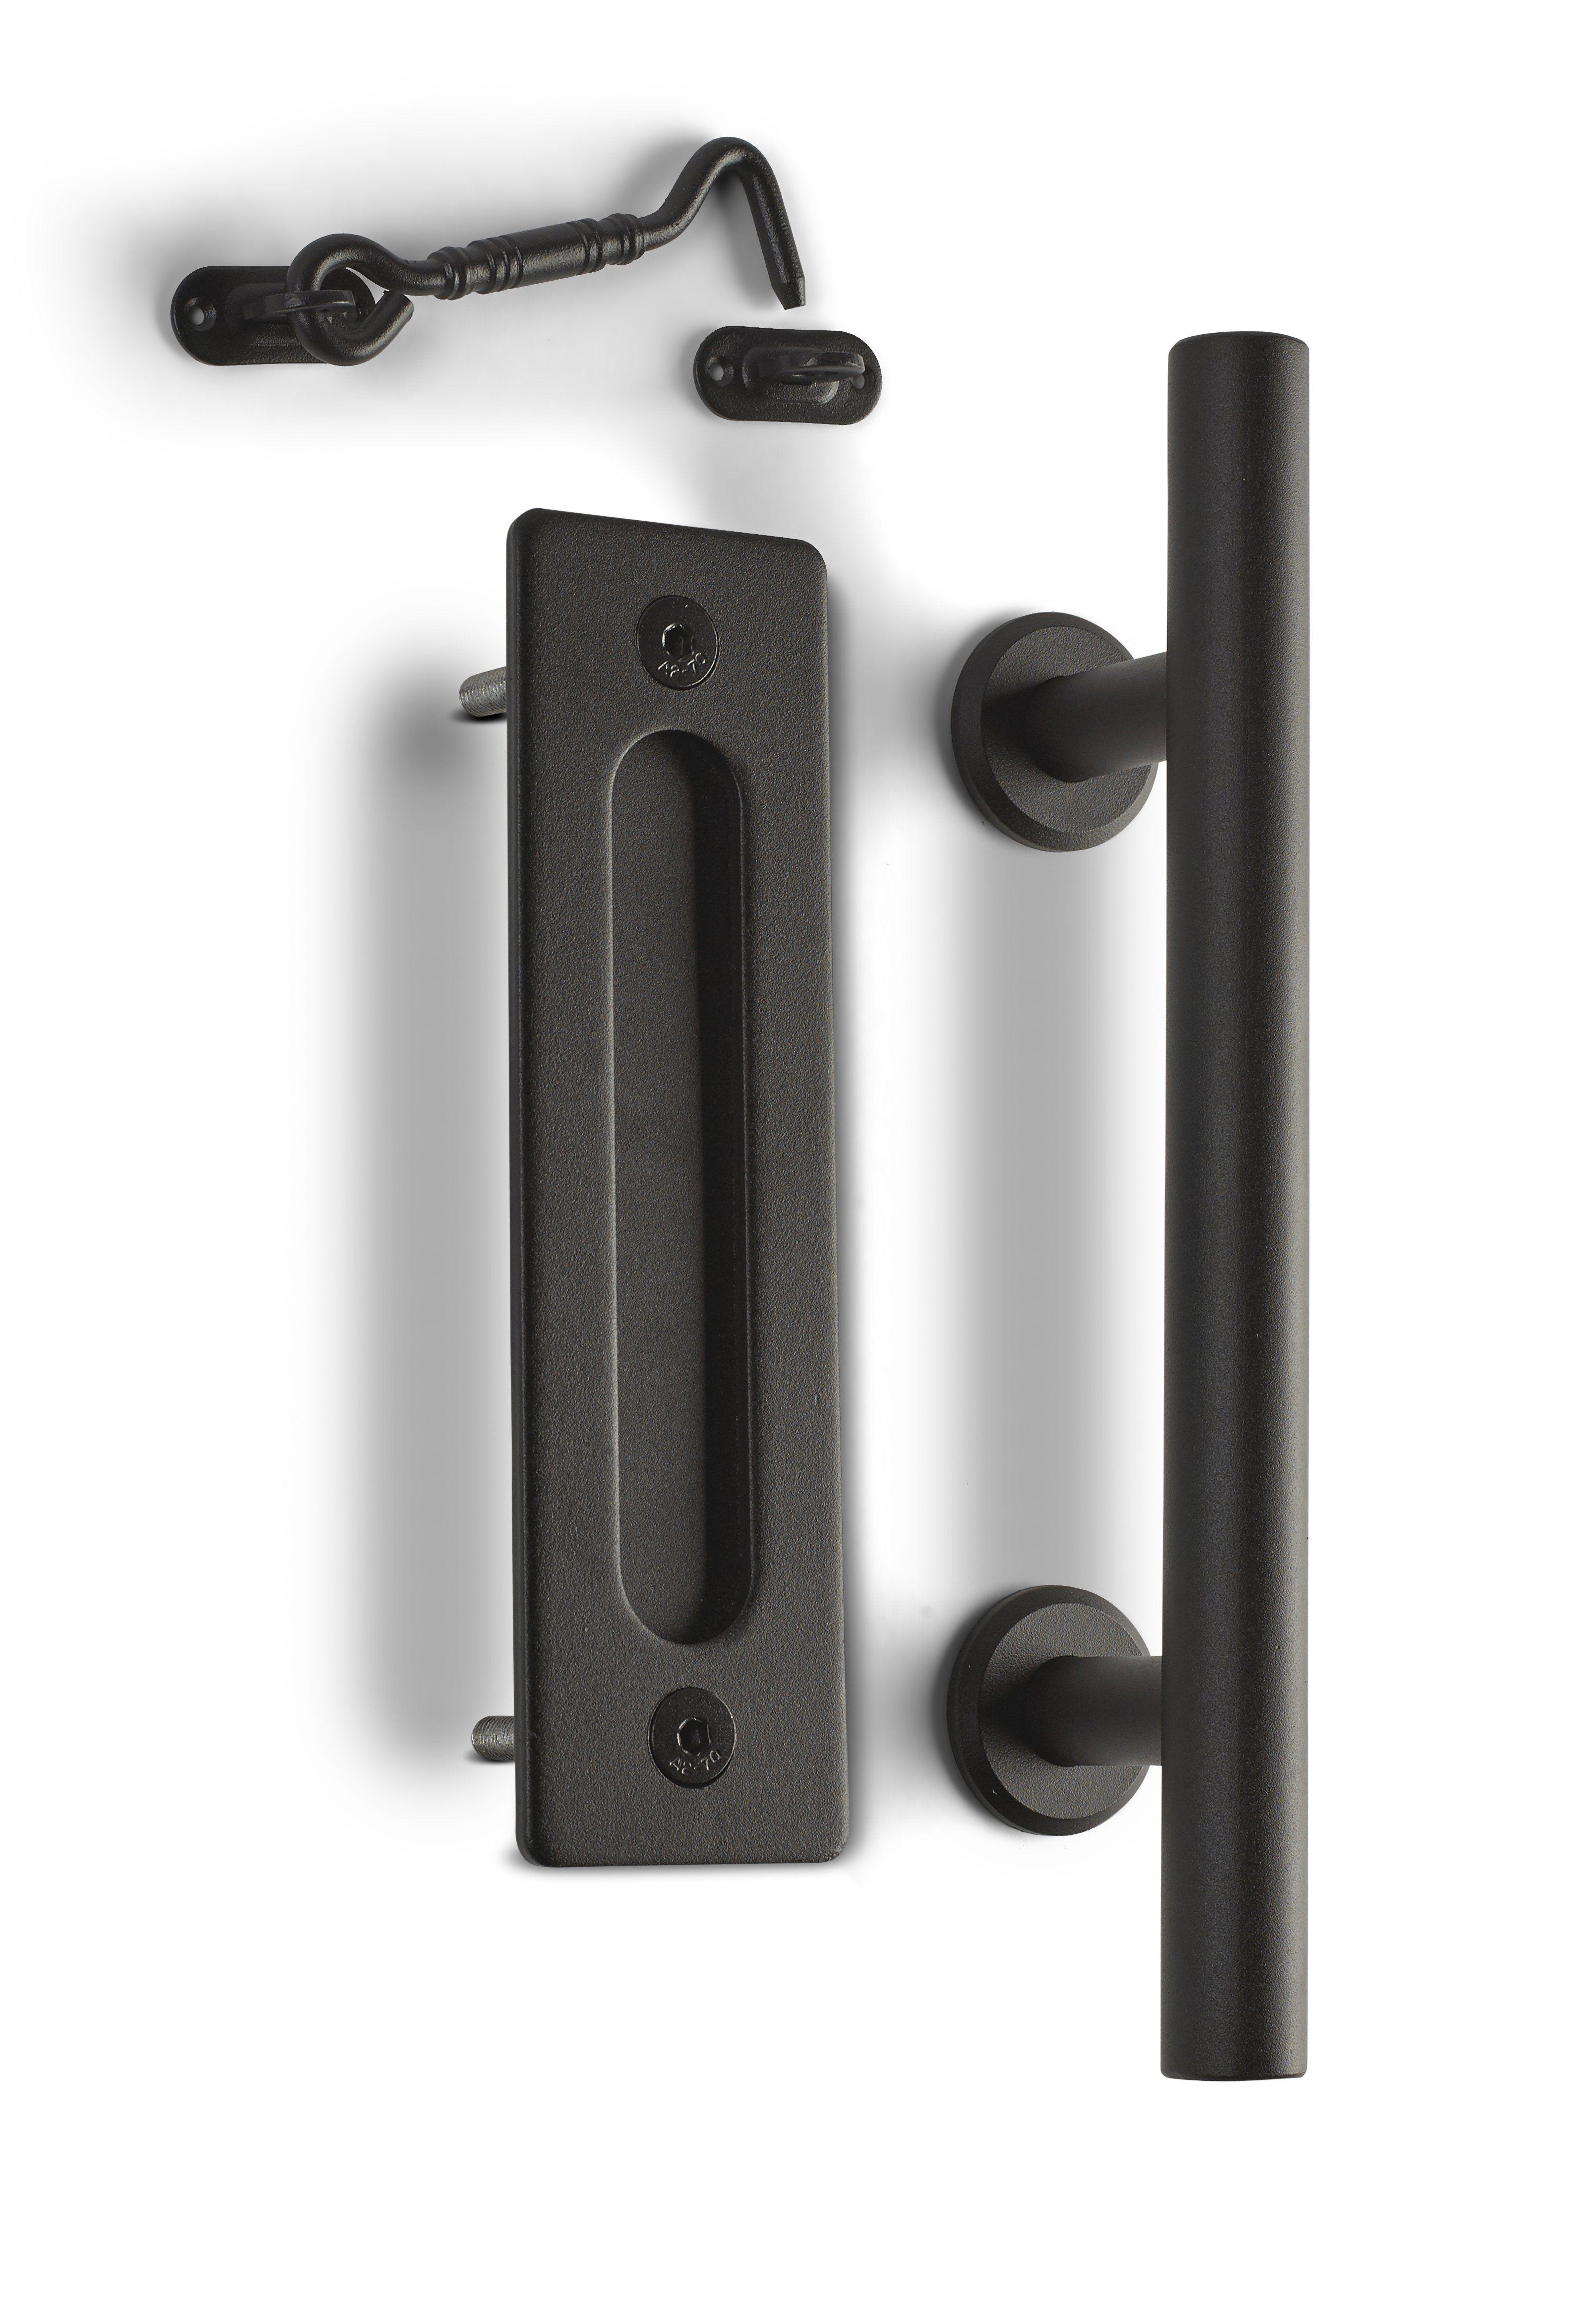 12 Round Barn Door Pull With Flush Plate Latch Matte Black In 2020 Barn Door Handles Hardware Barn Door Latch Barn Door Projects